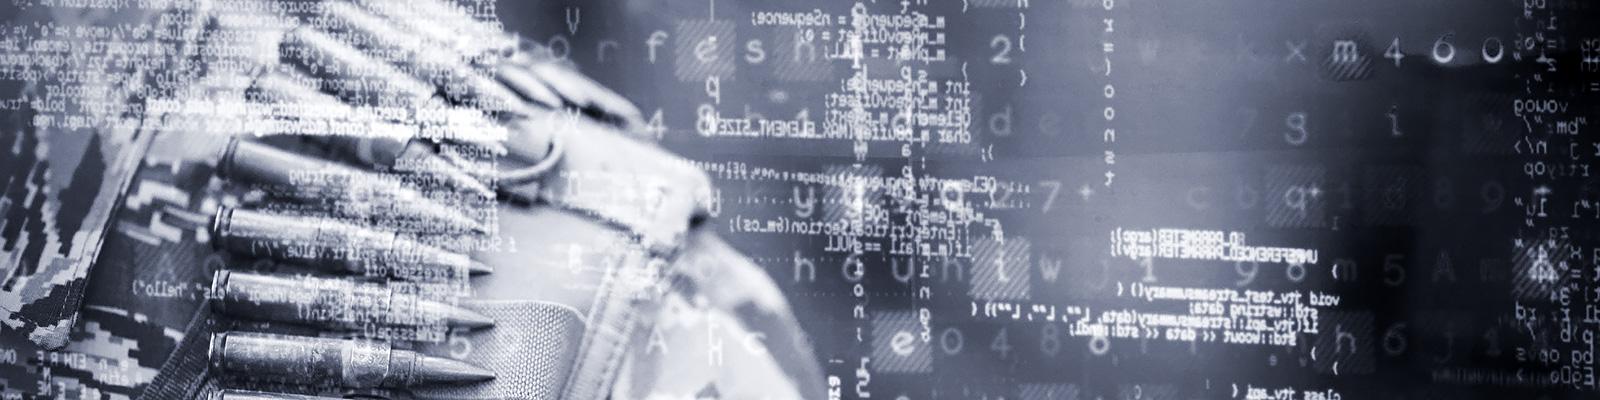 戦争 AI 兵器 イメージ